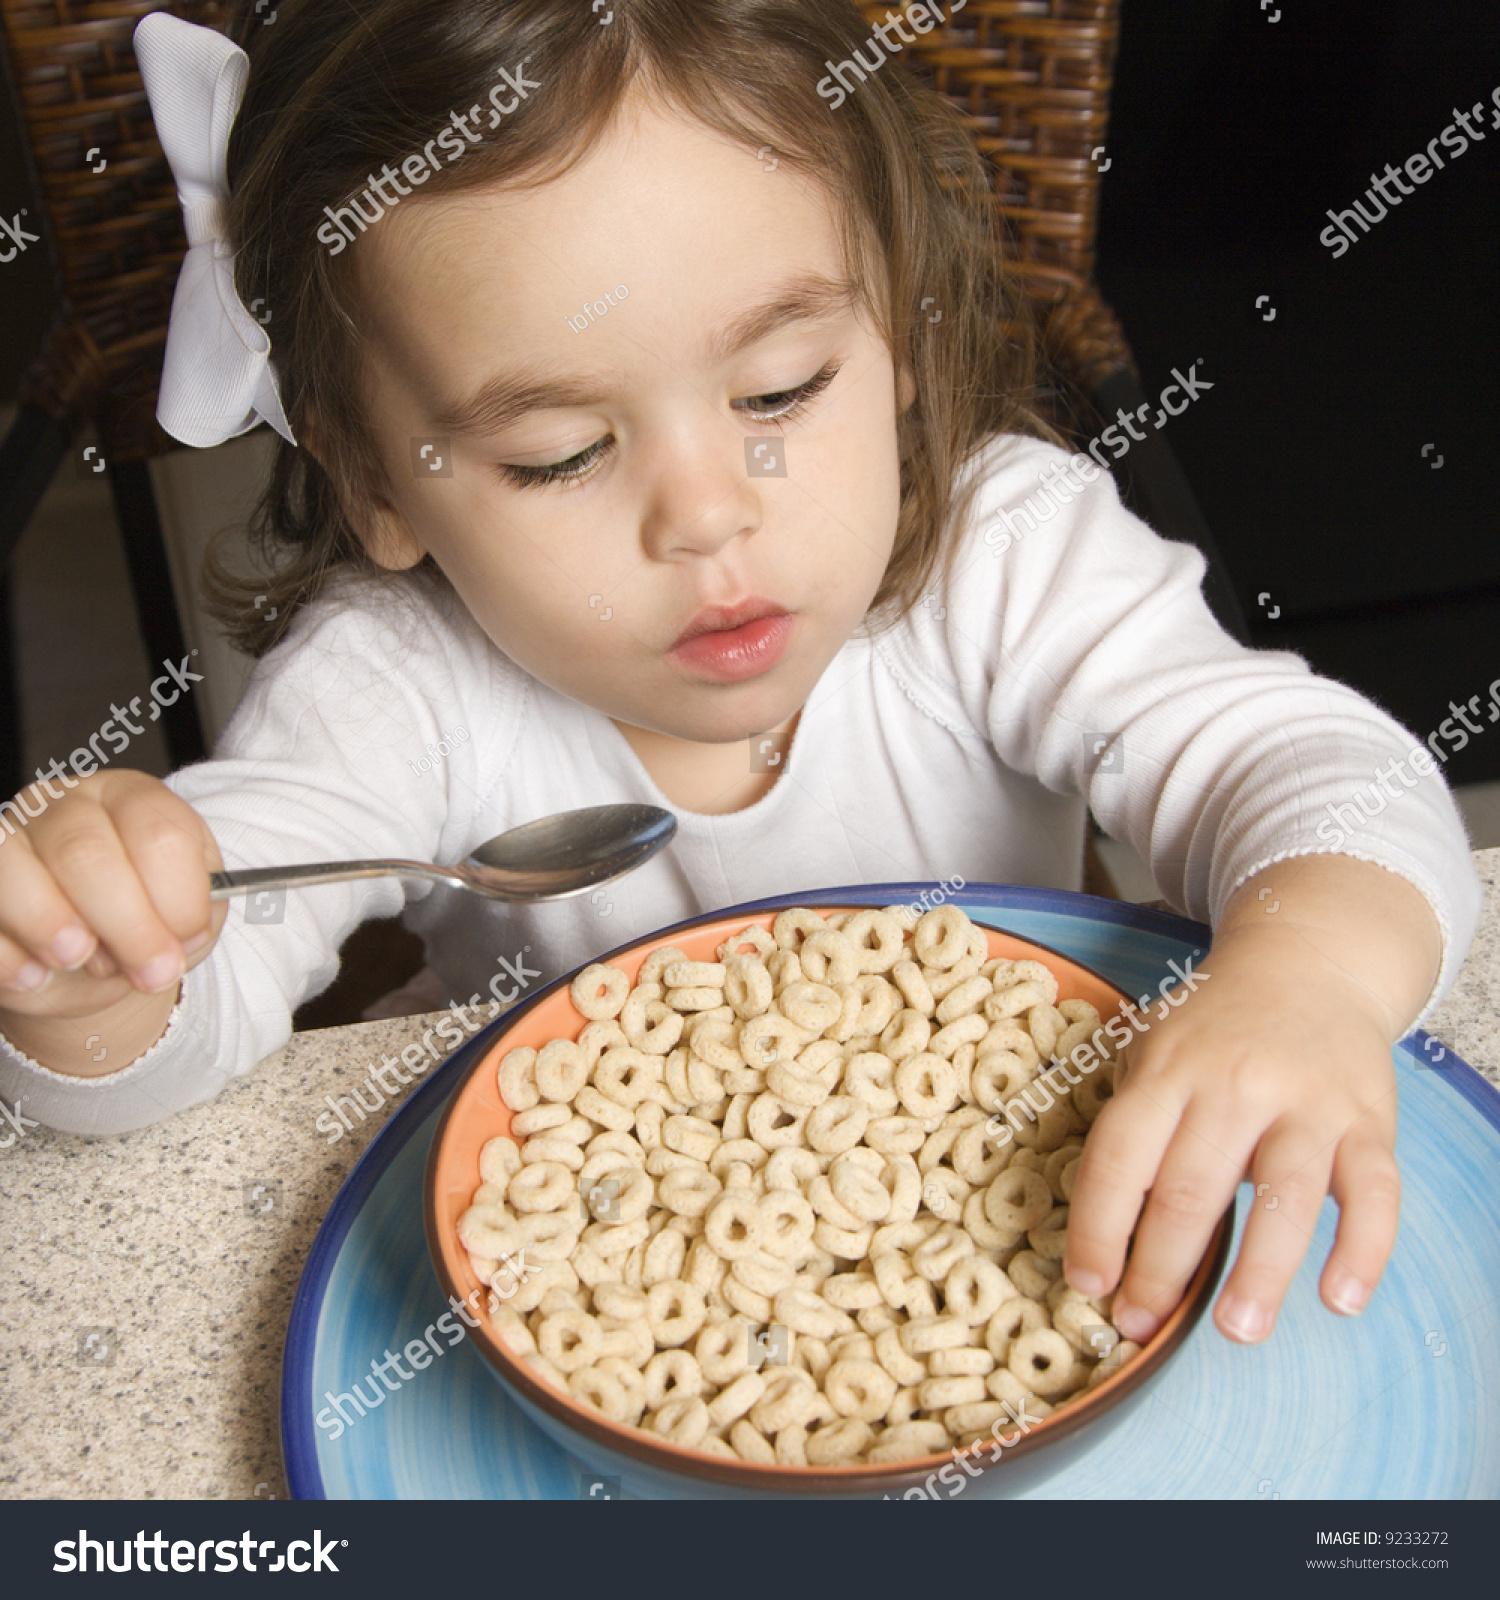 image Chick eats bowl of cum soup